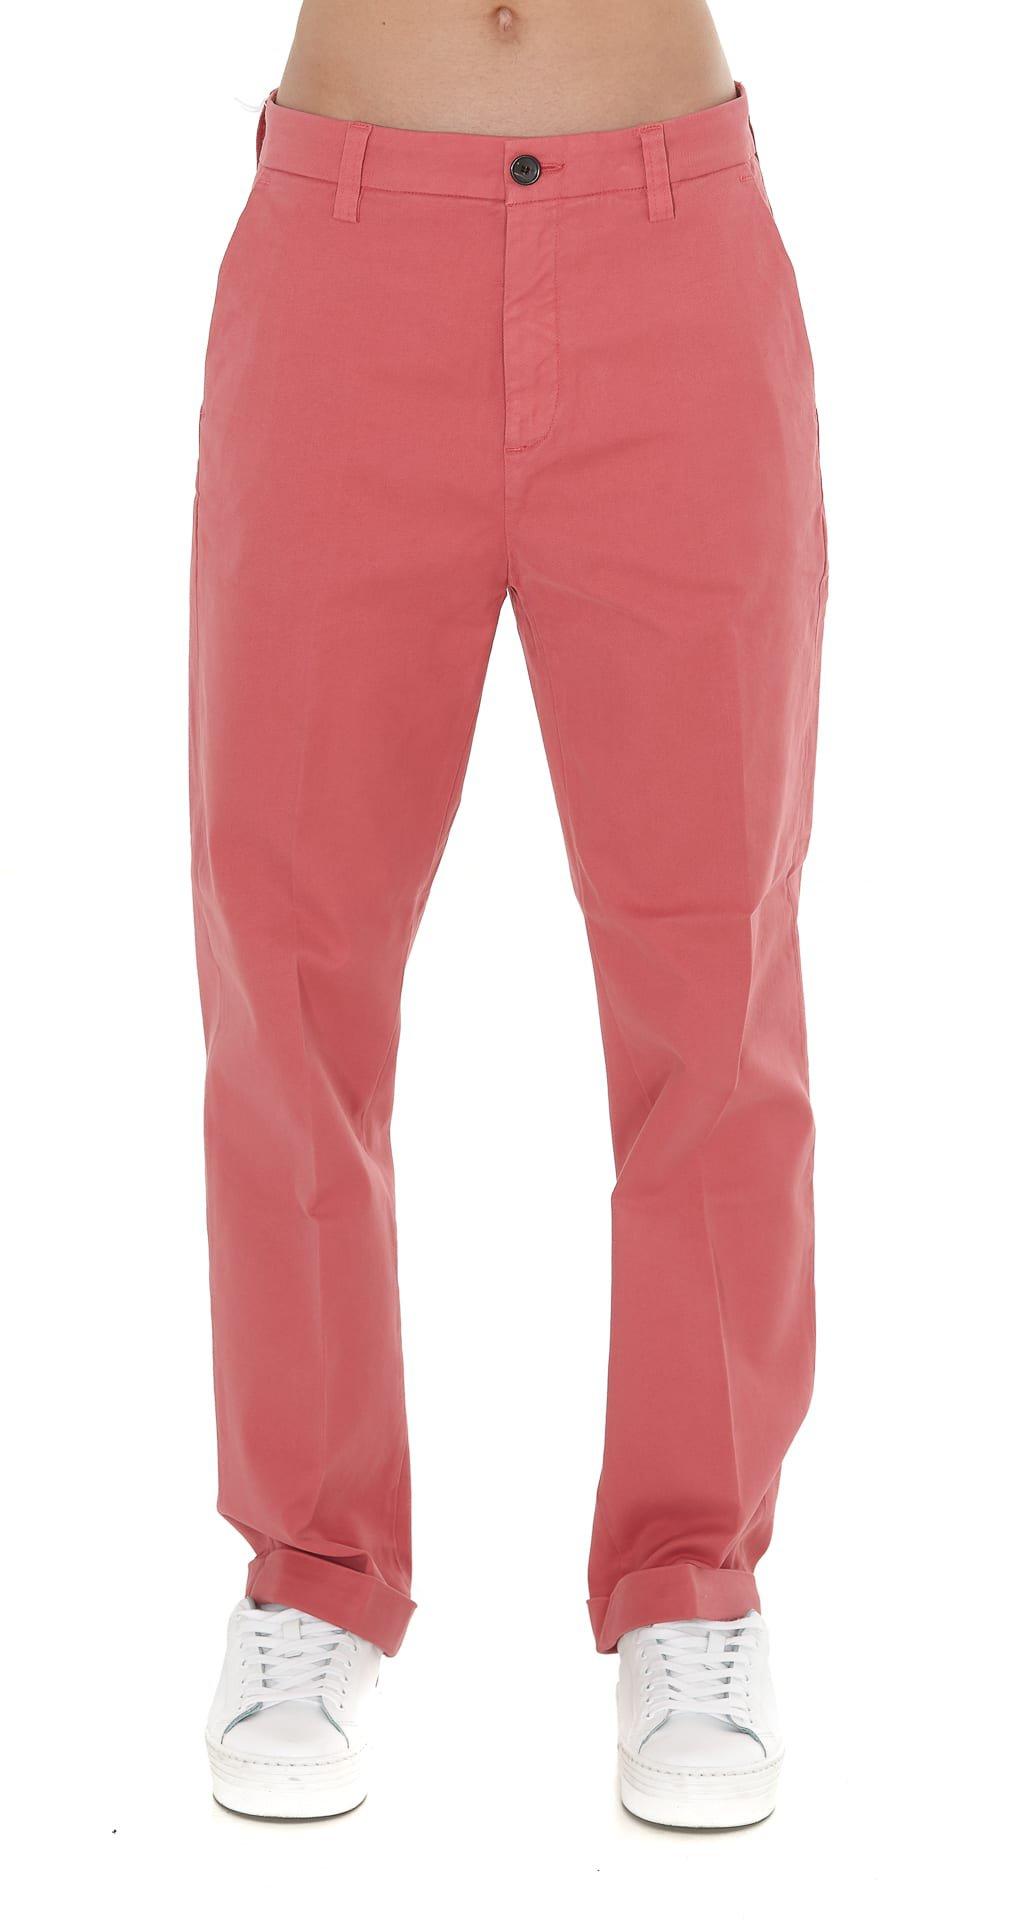 Department 5 Volt Trousers